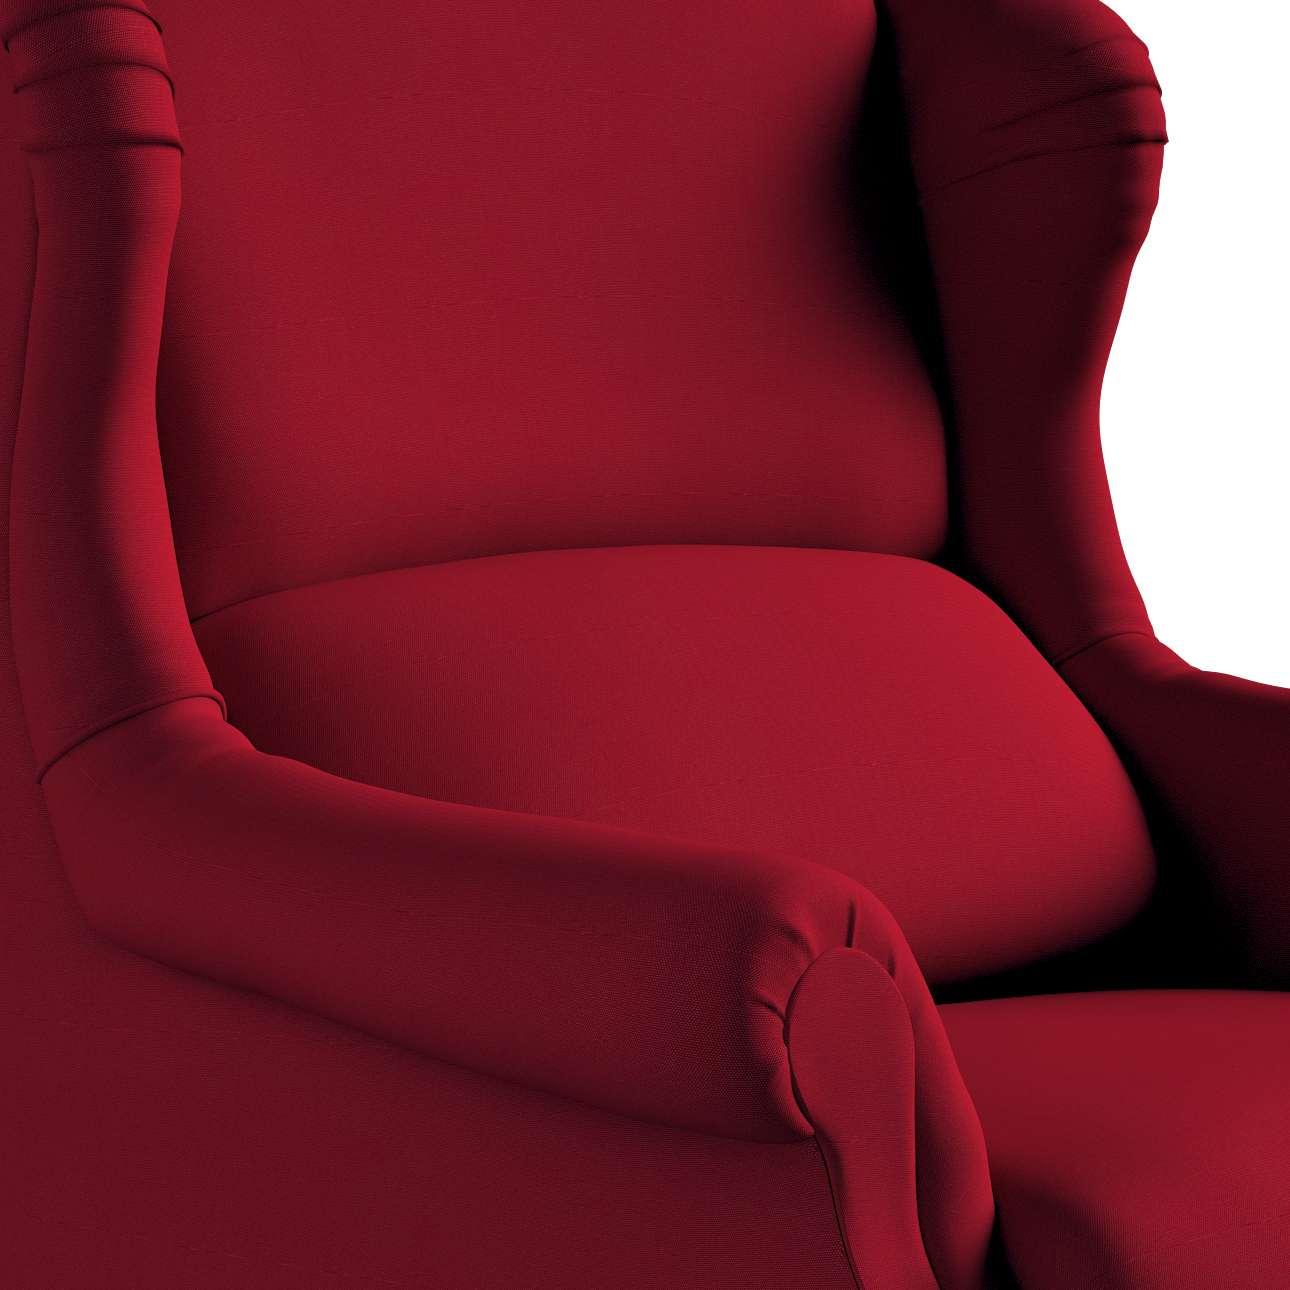 Sessel 63 x 115 cm von der Kollektion Etna, Stoff: 705-60